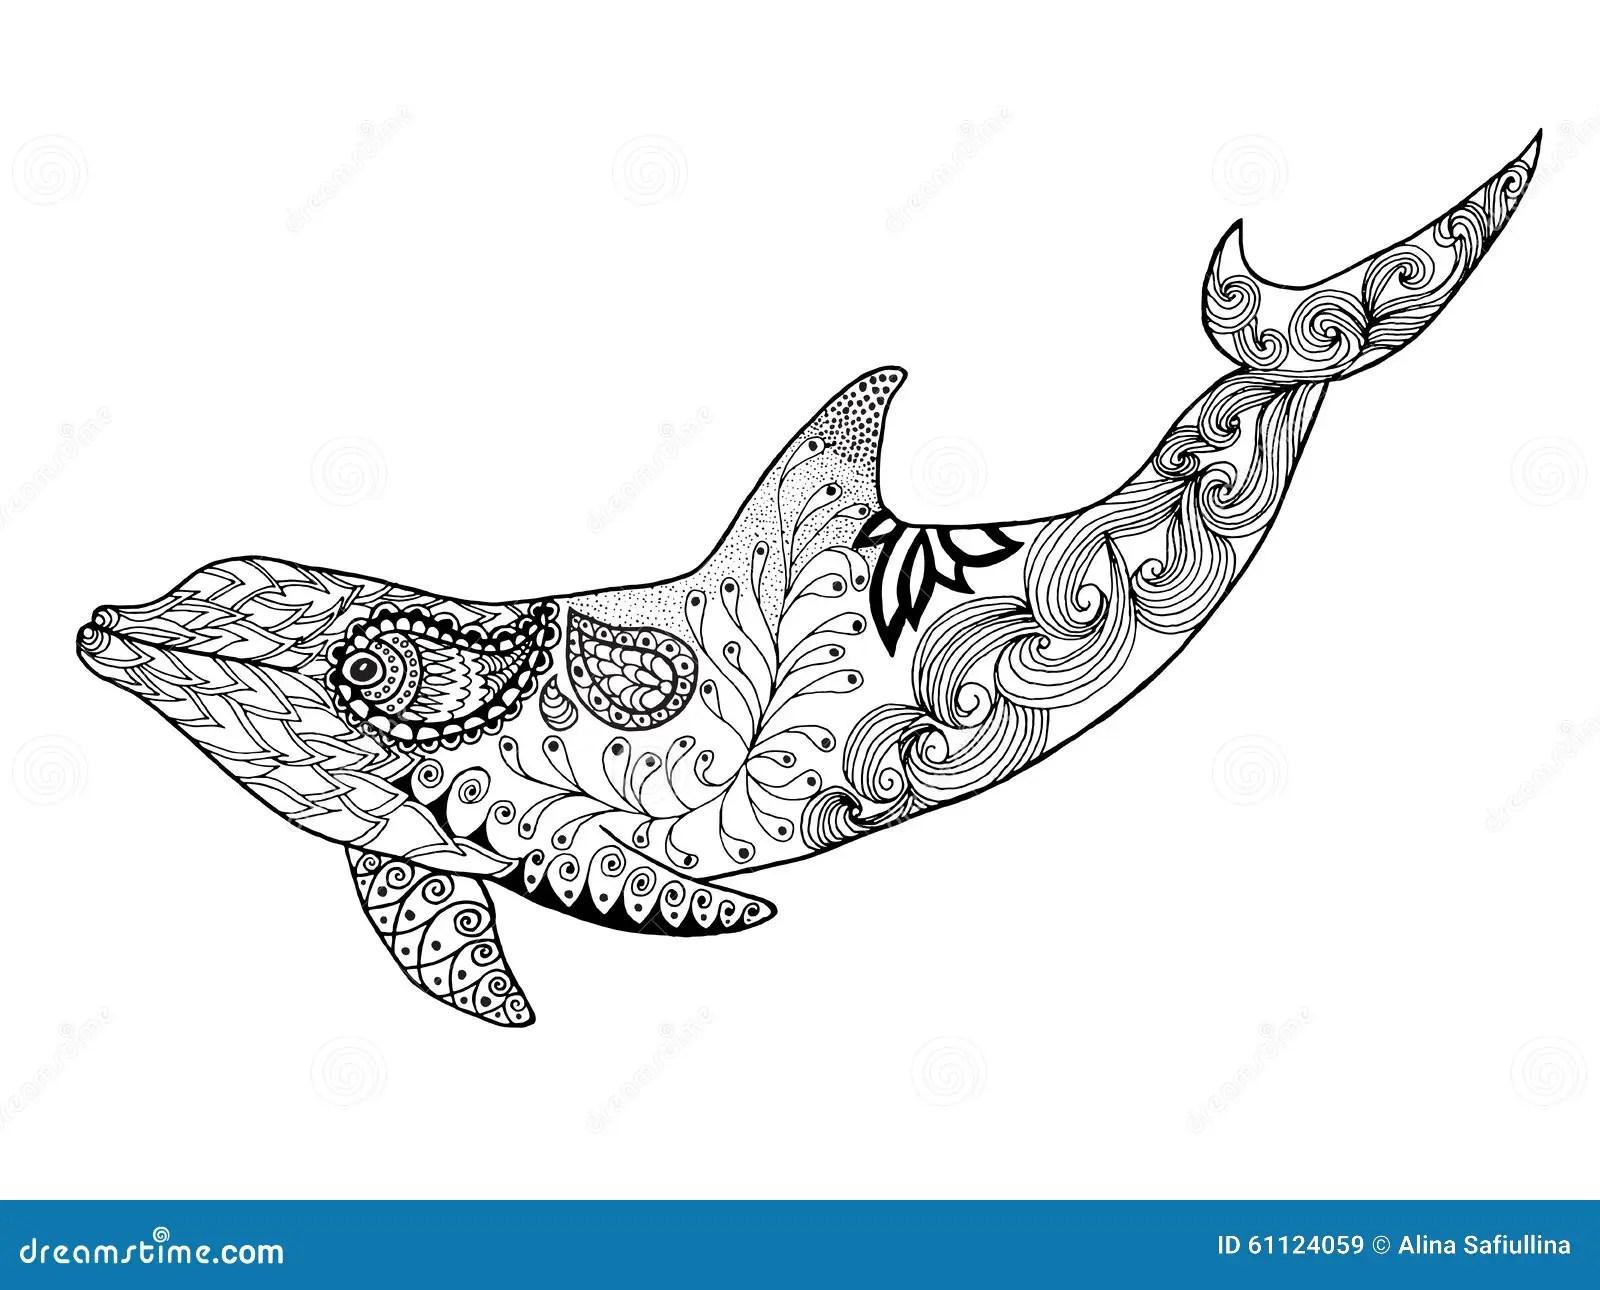 Netter Delphin Erwachsene Antistress Farbtonseite Stock